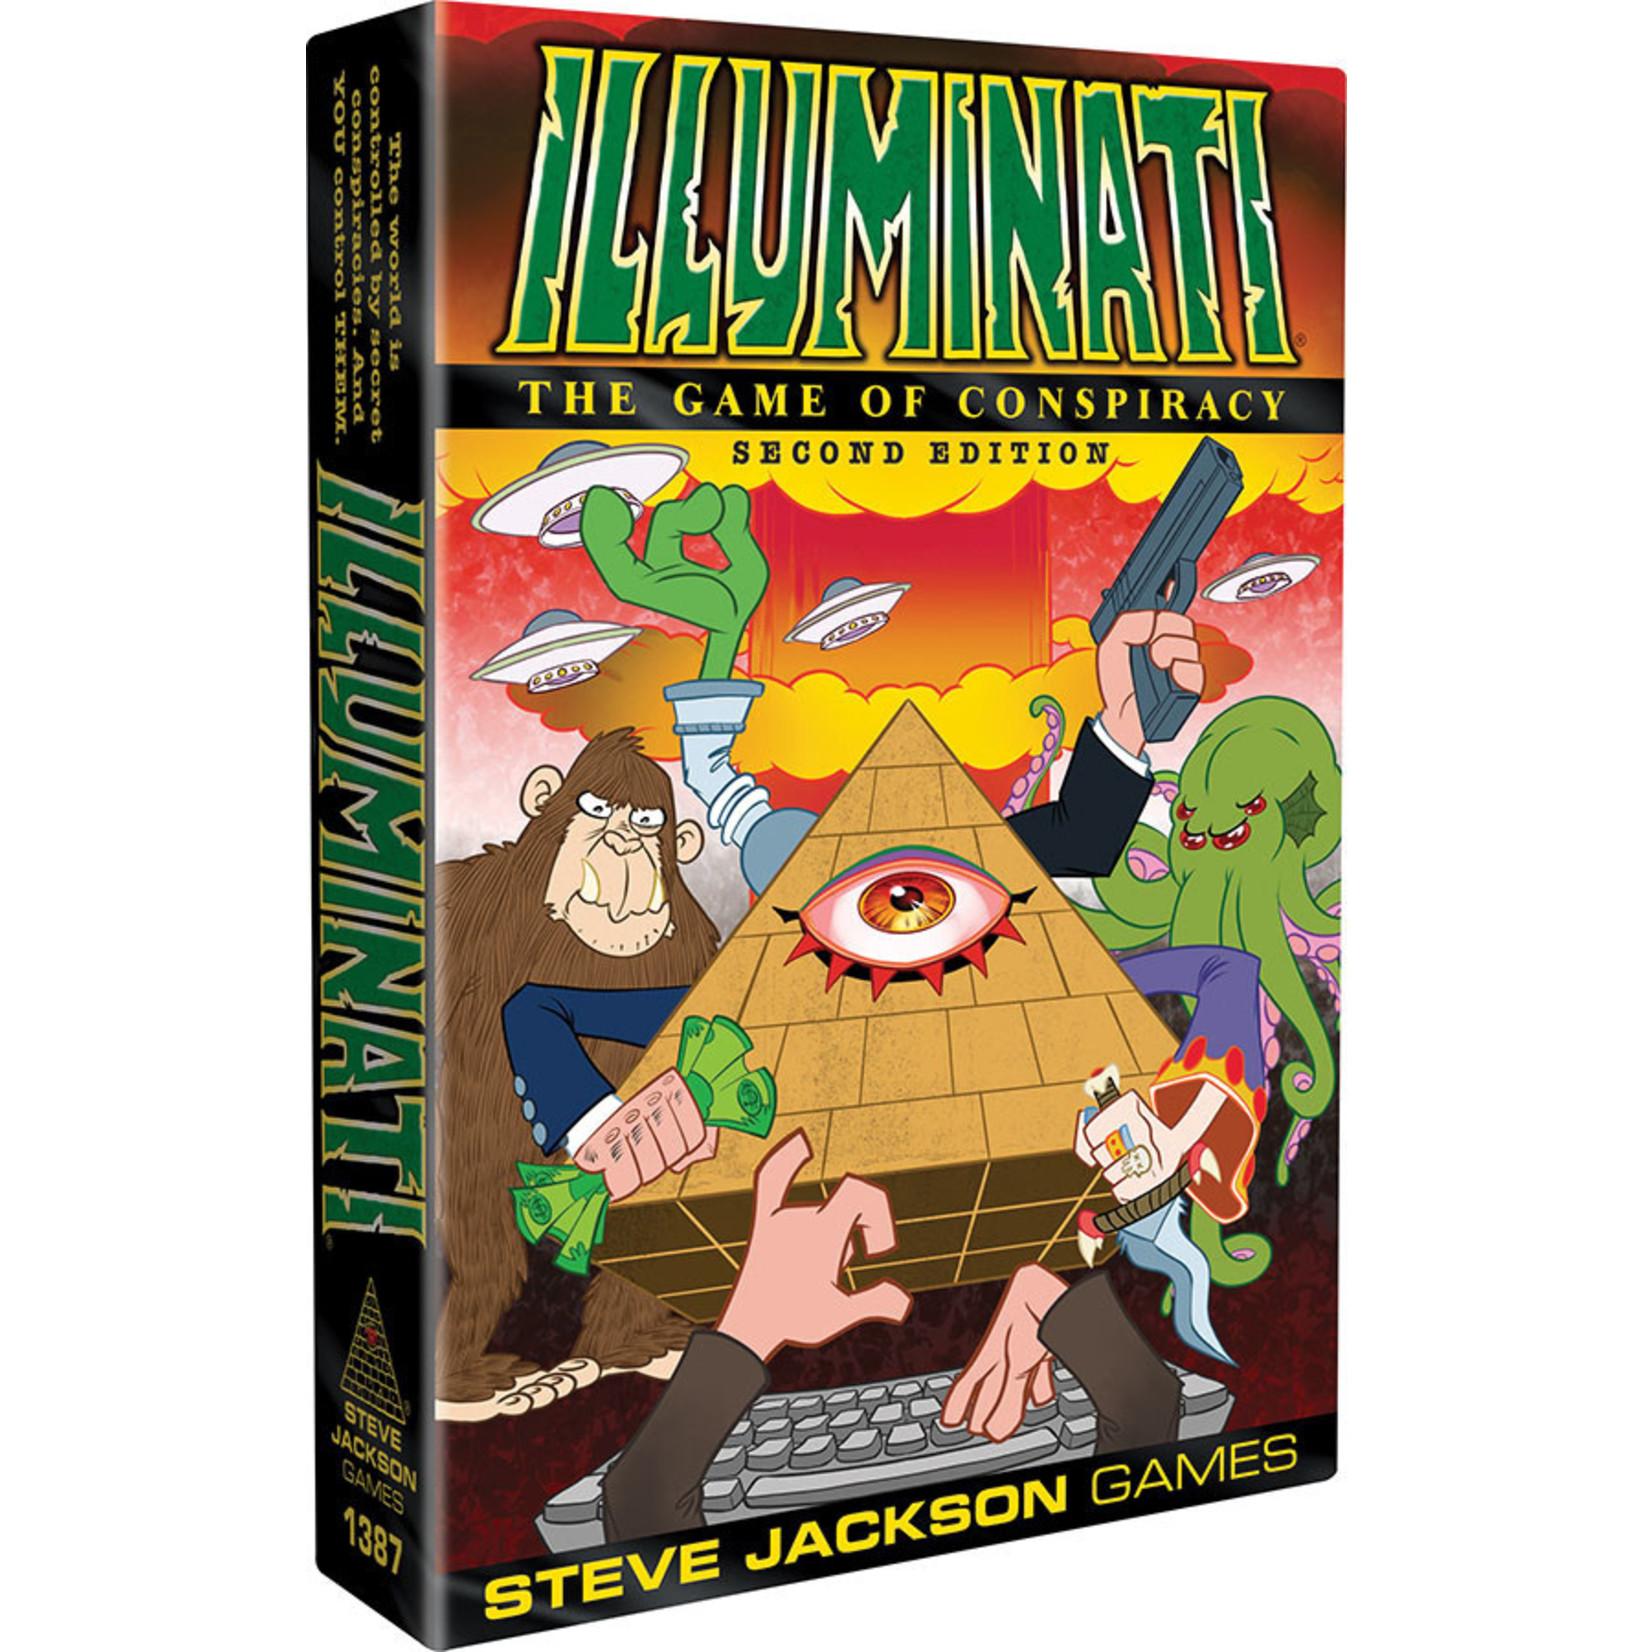 Steve Jackson Games Illuminati 2nd Edition